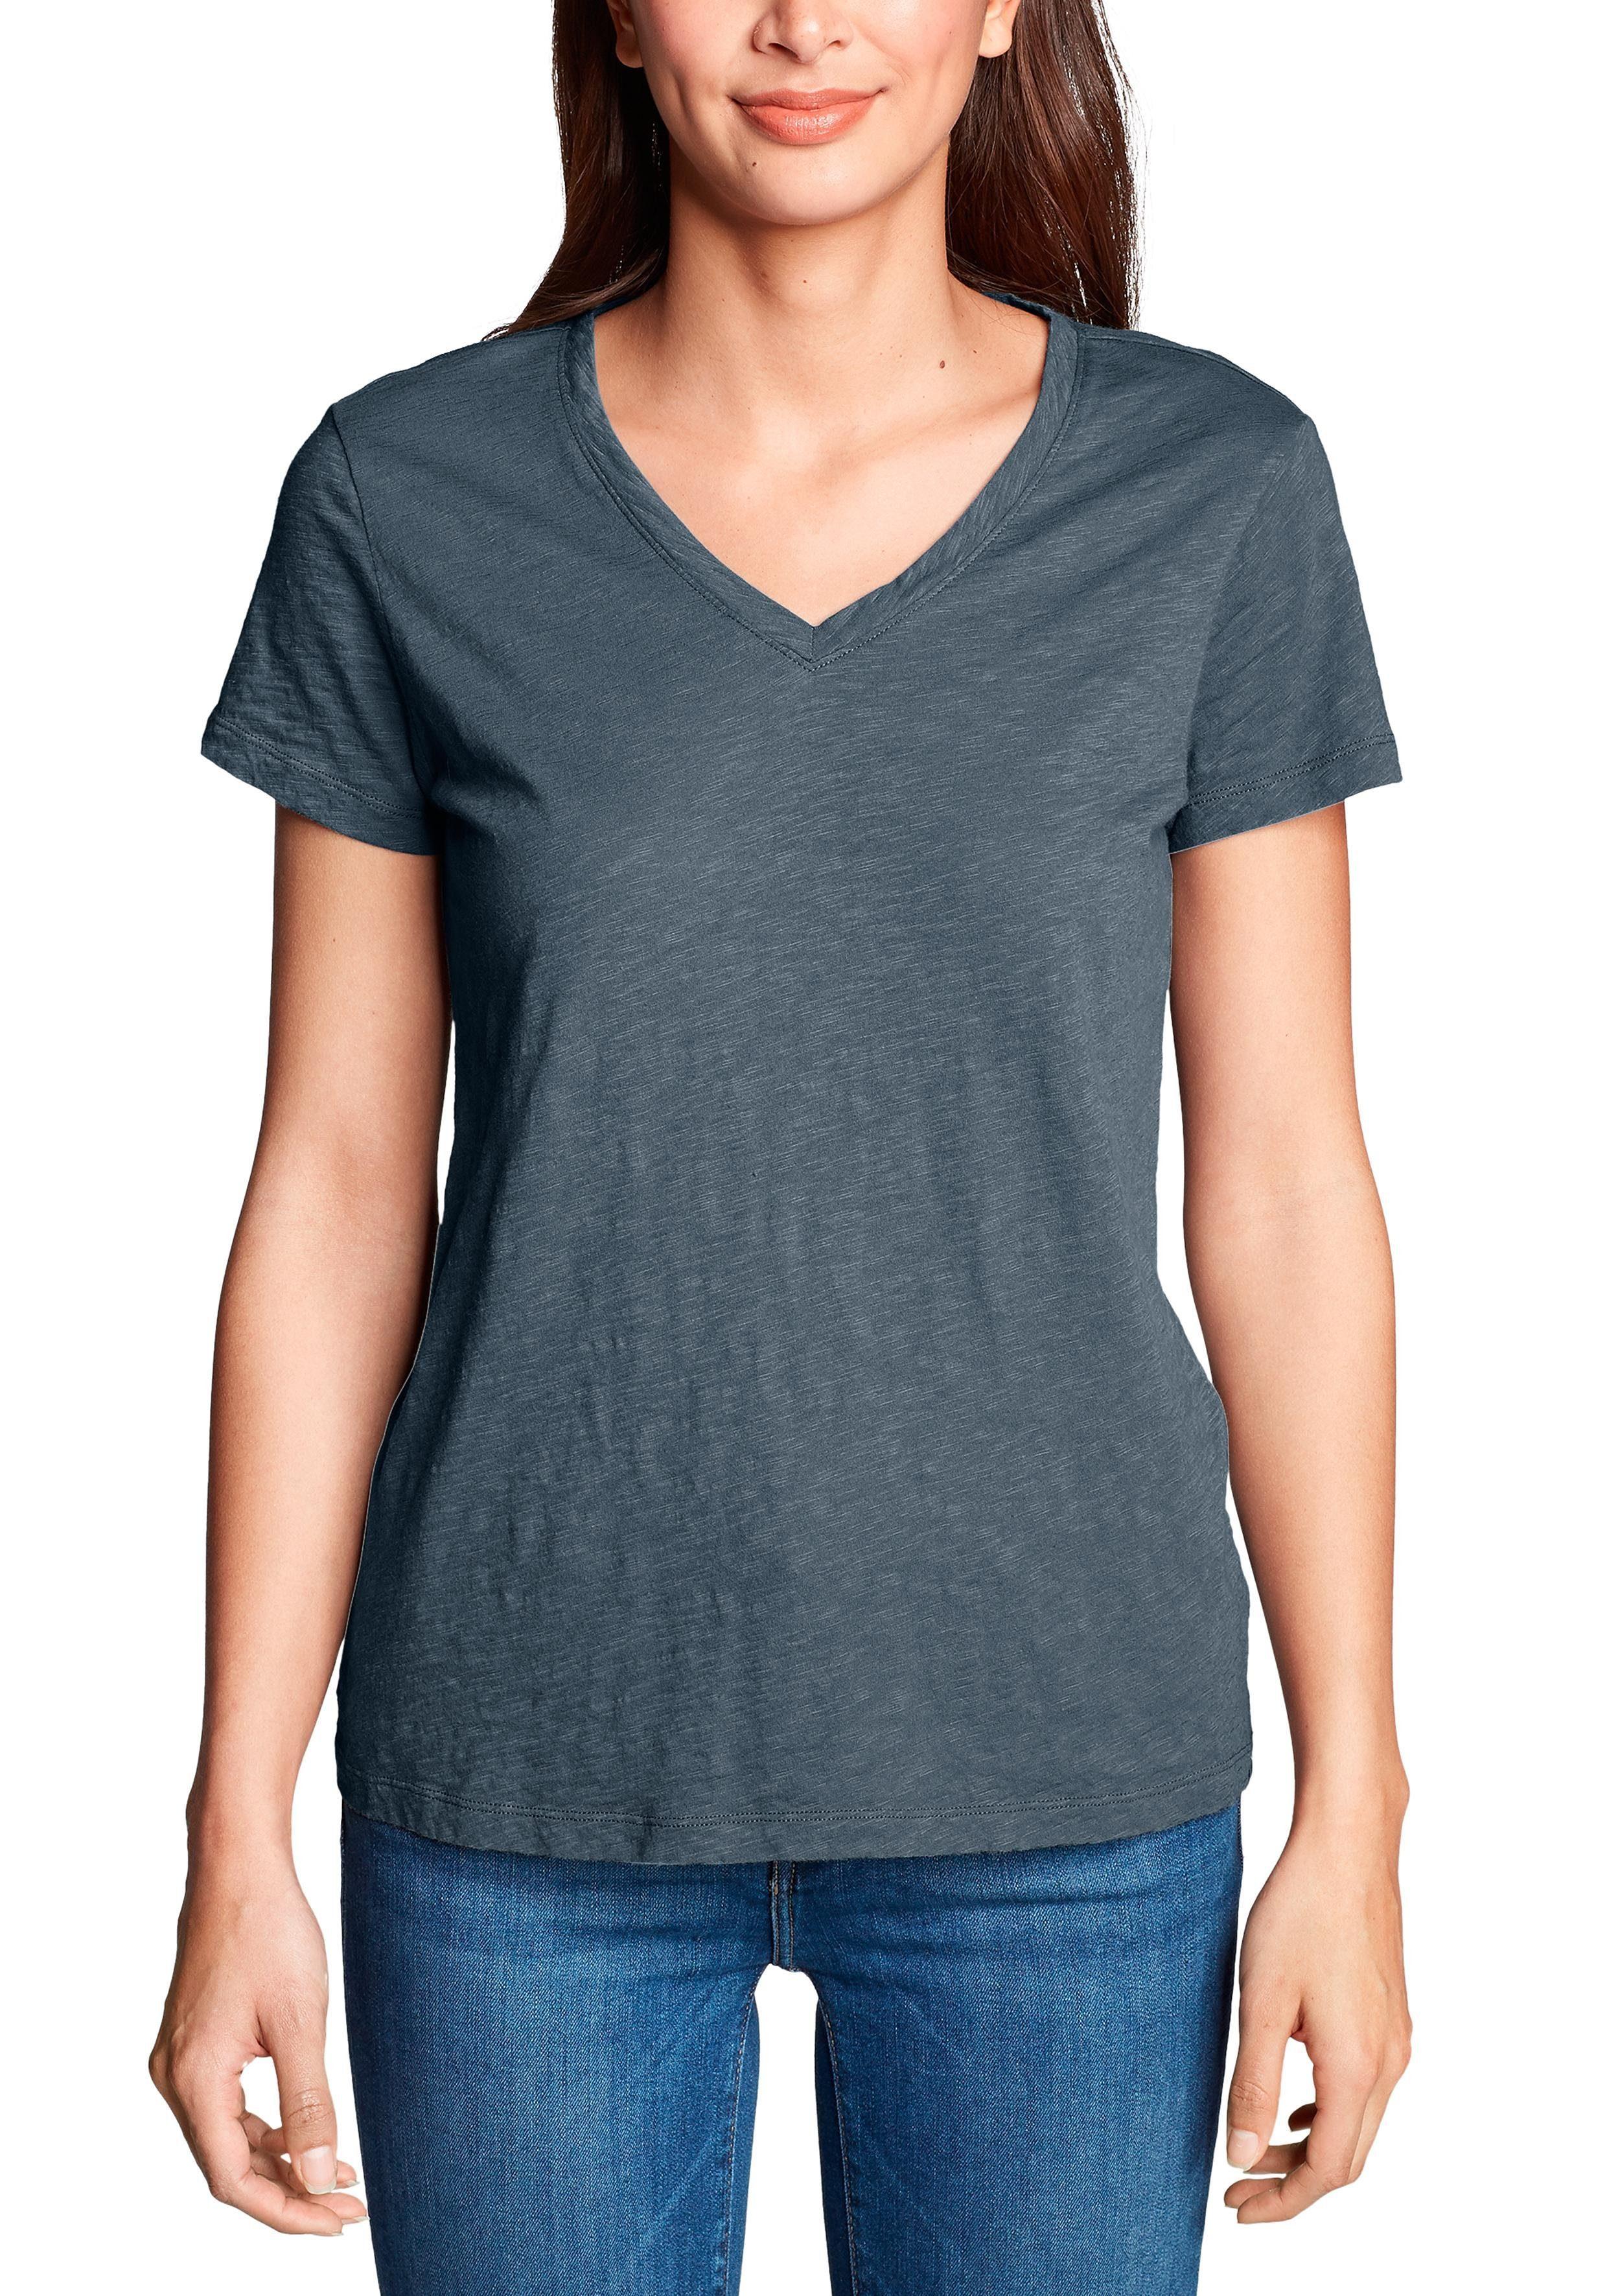 Eddie Bauer T-Shirt Legend Wash Slub Shirt - Kurzarm mit V-Ausschnitt